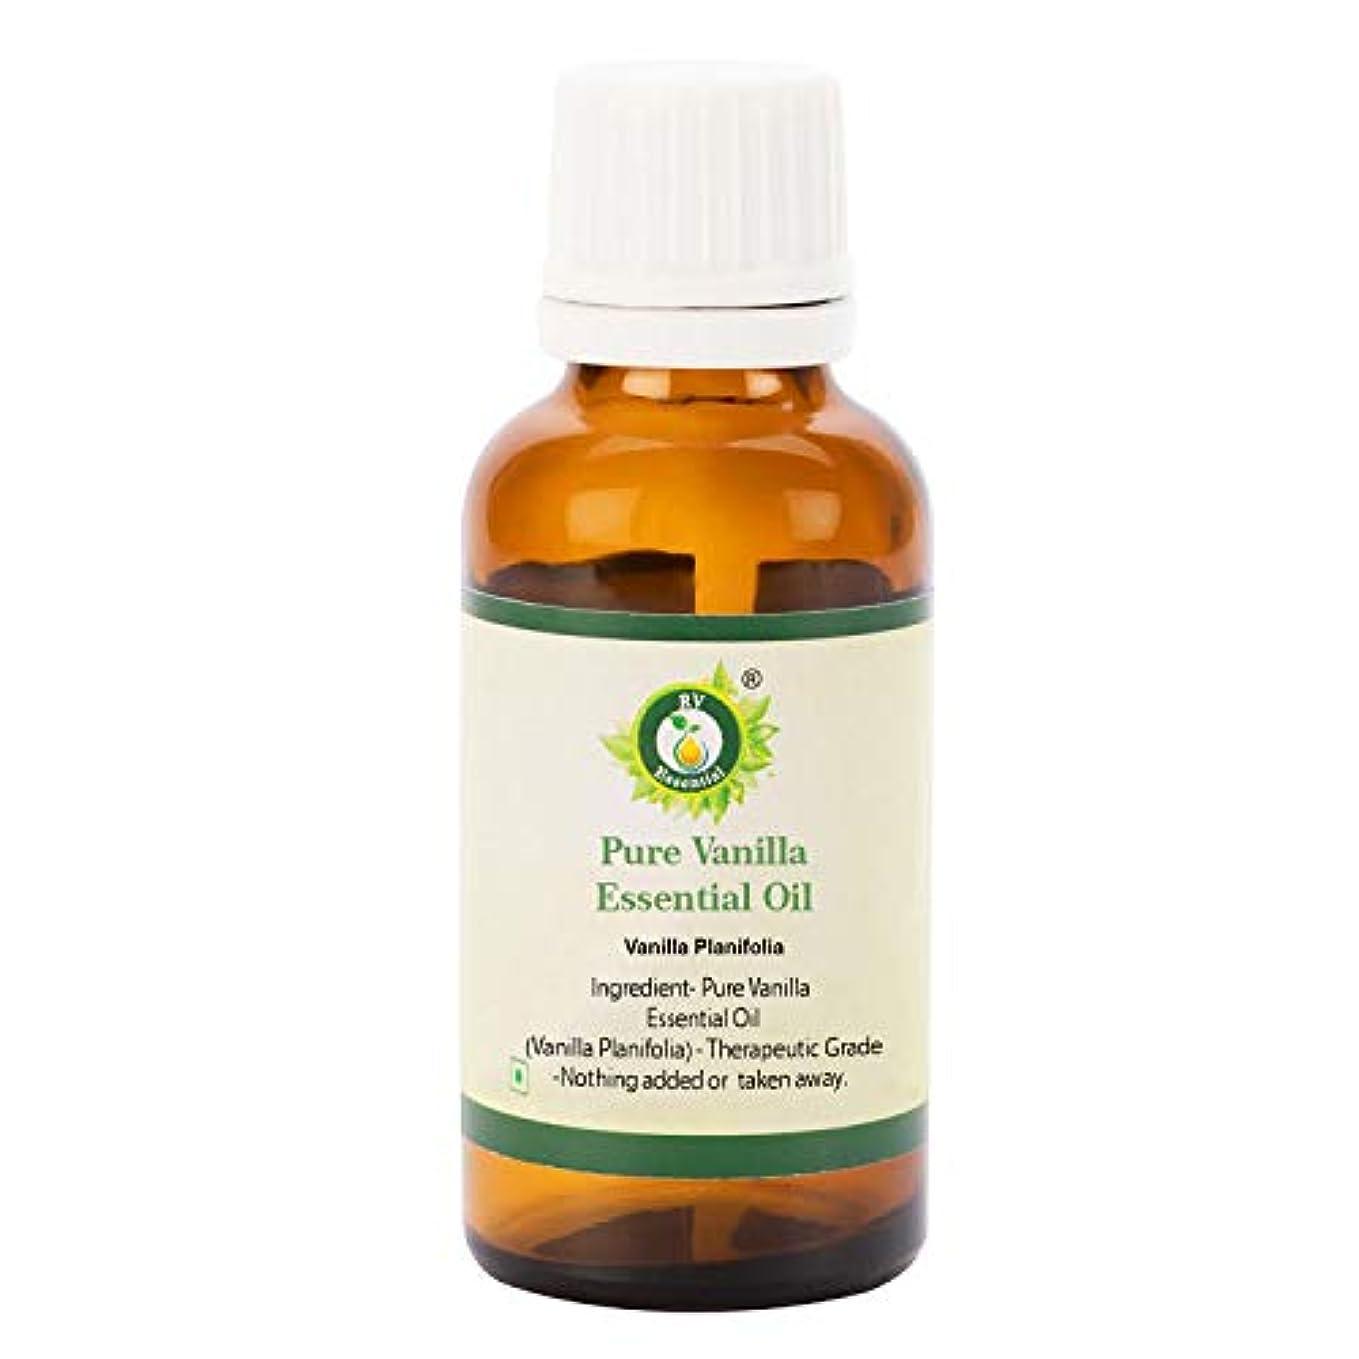 熟練した日有望R V Essential ピュアバニラエッセンシャルオイル10ml (0.338oz)- Vanilla Planifolia (100%純粋&天然) Pure Vanilla Essential Oil